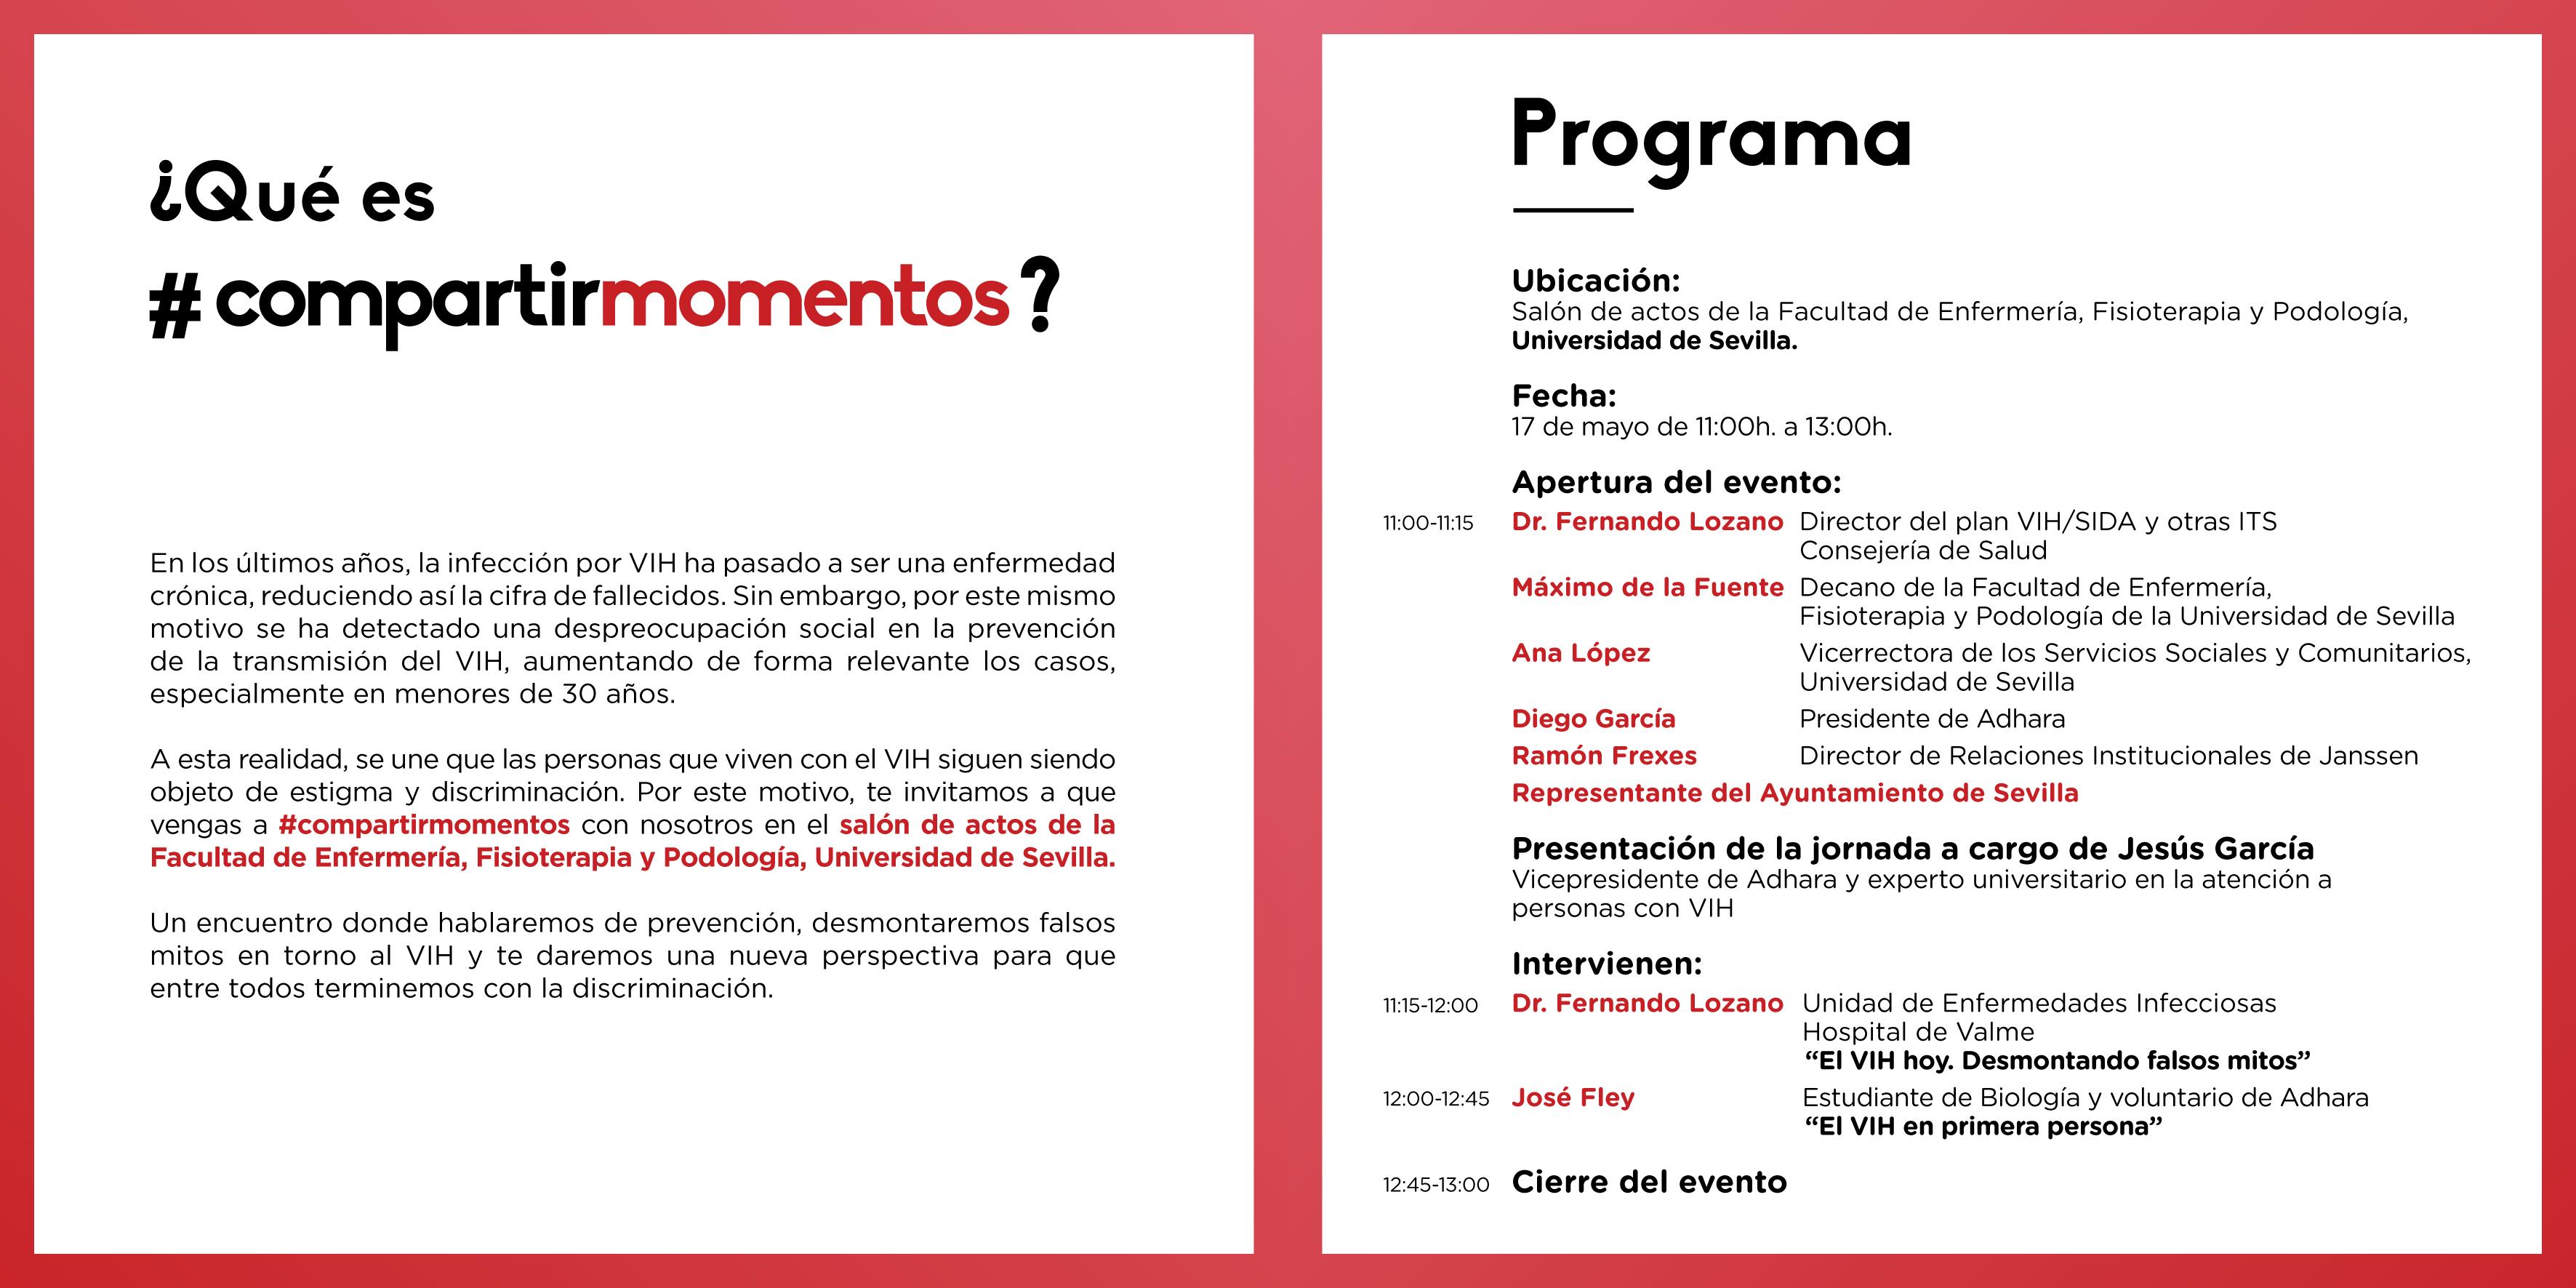 Chester De Compartirmomentos En La Universidad De Sevilla Adhara